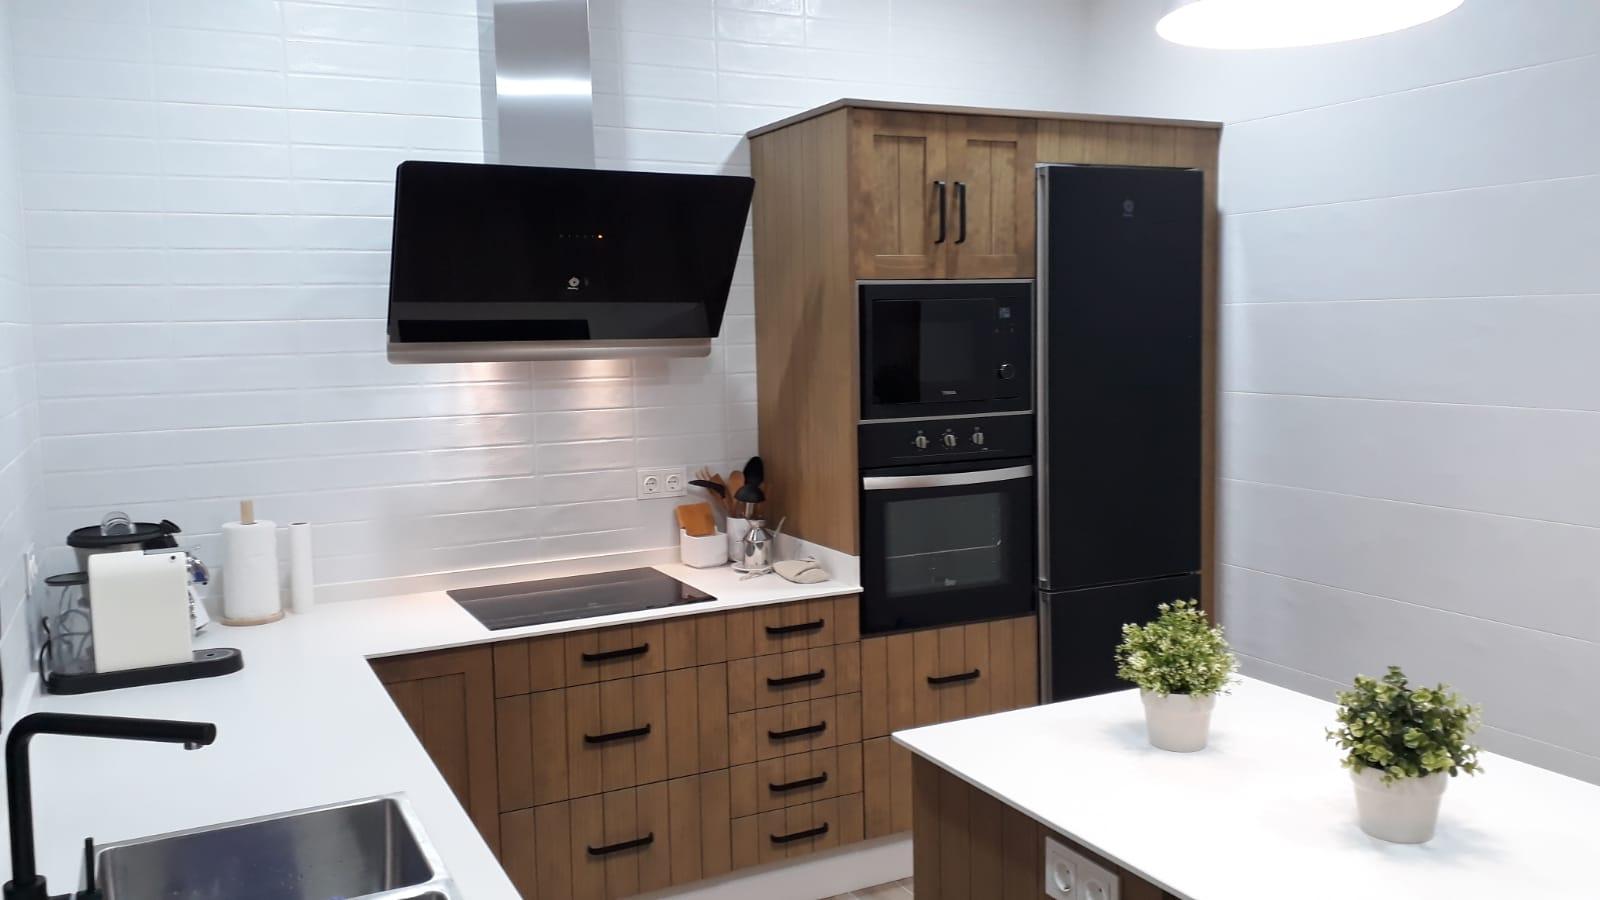 Cocina a medida: elegante y práctica